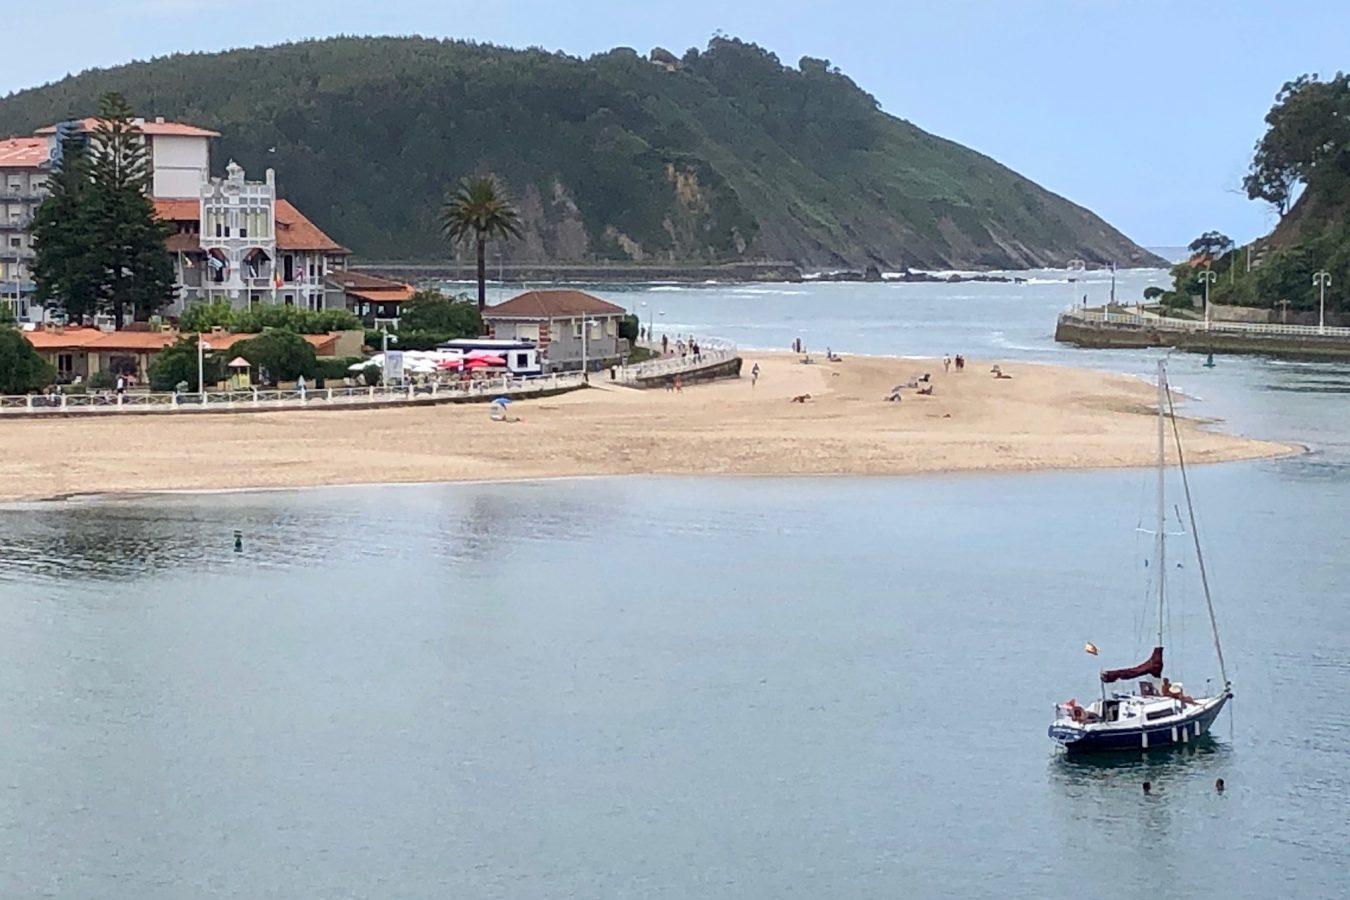 Prohiben el baño en la playa de Ribadesella por las condiciones higiénico-sanitarias del agua